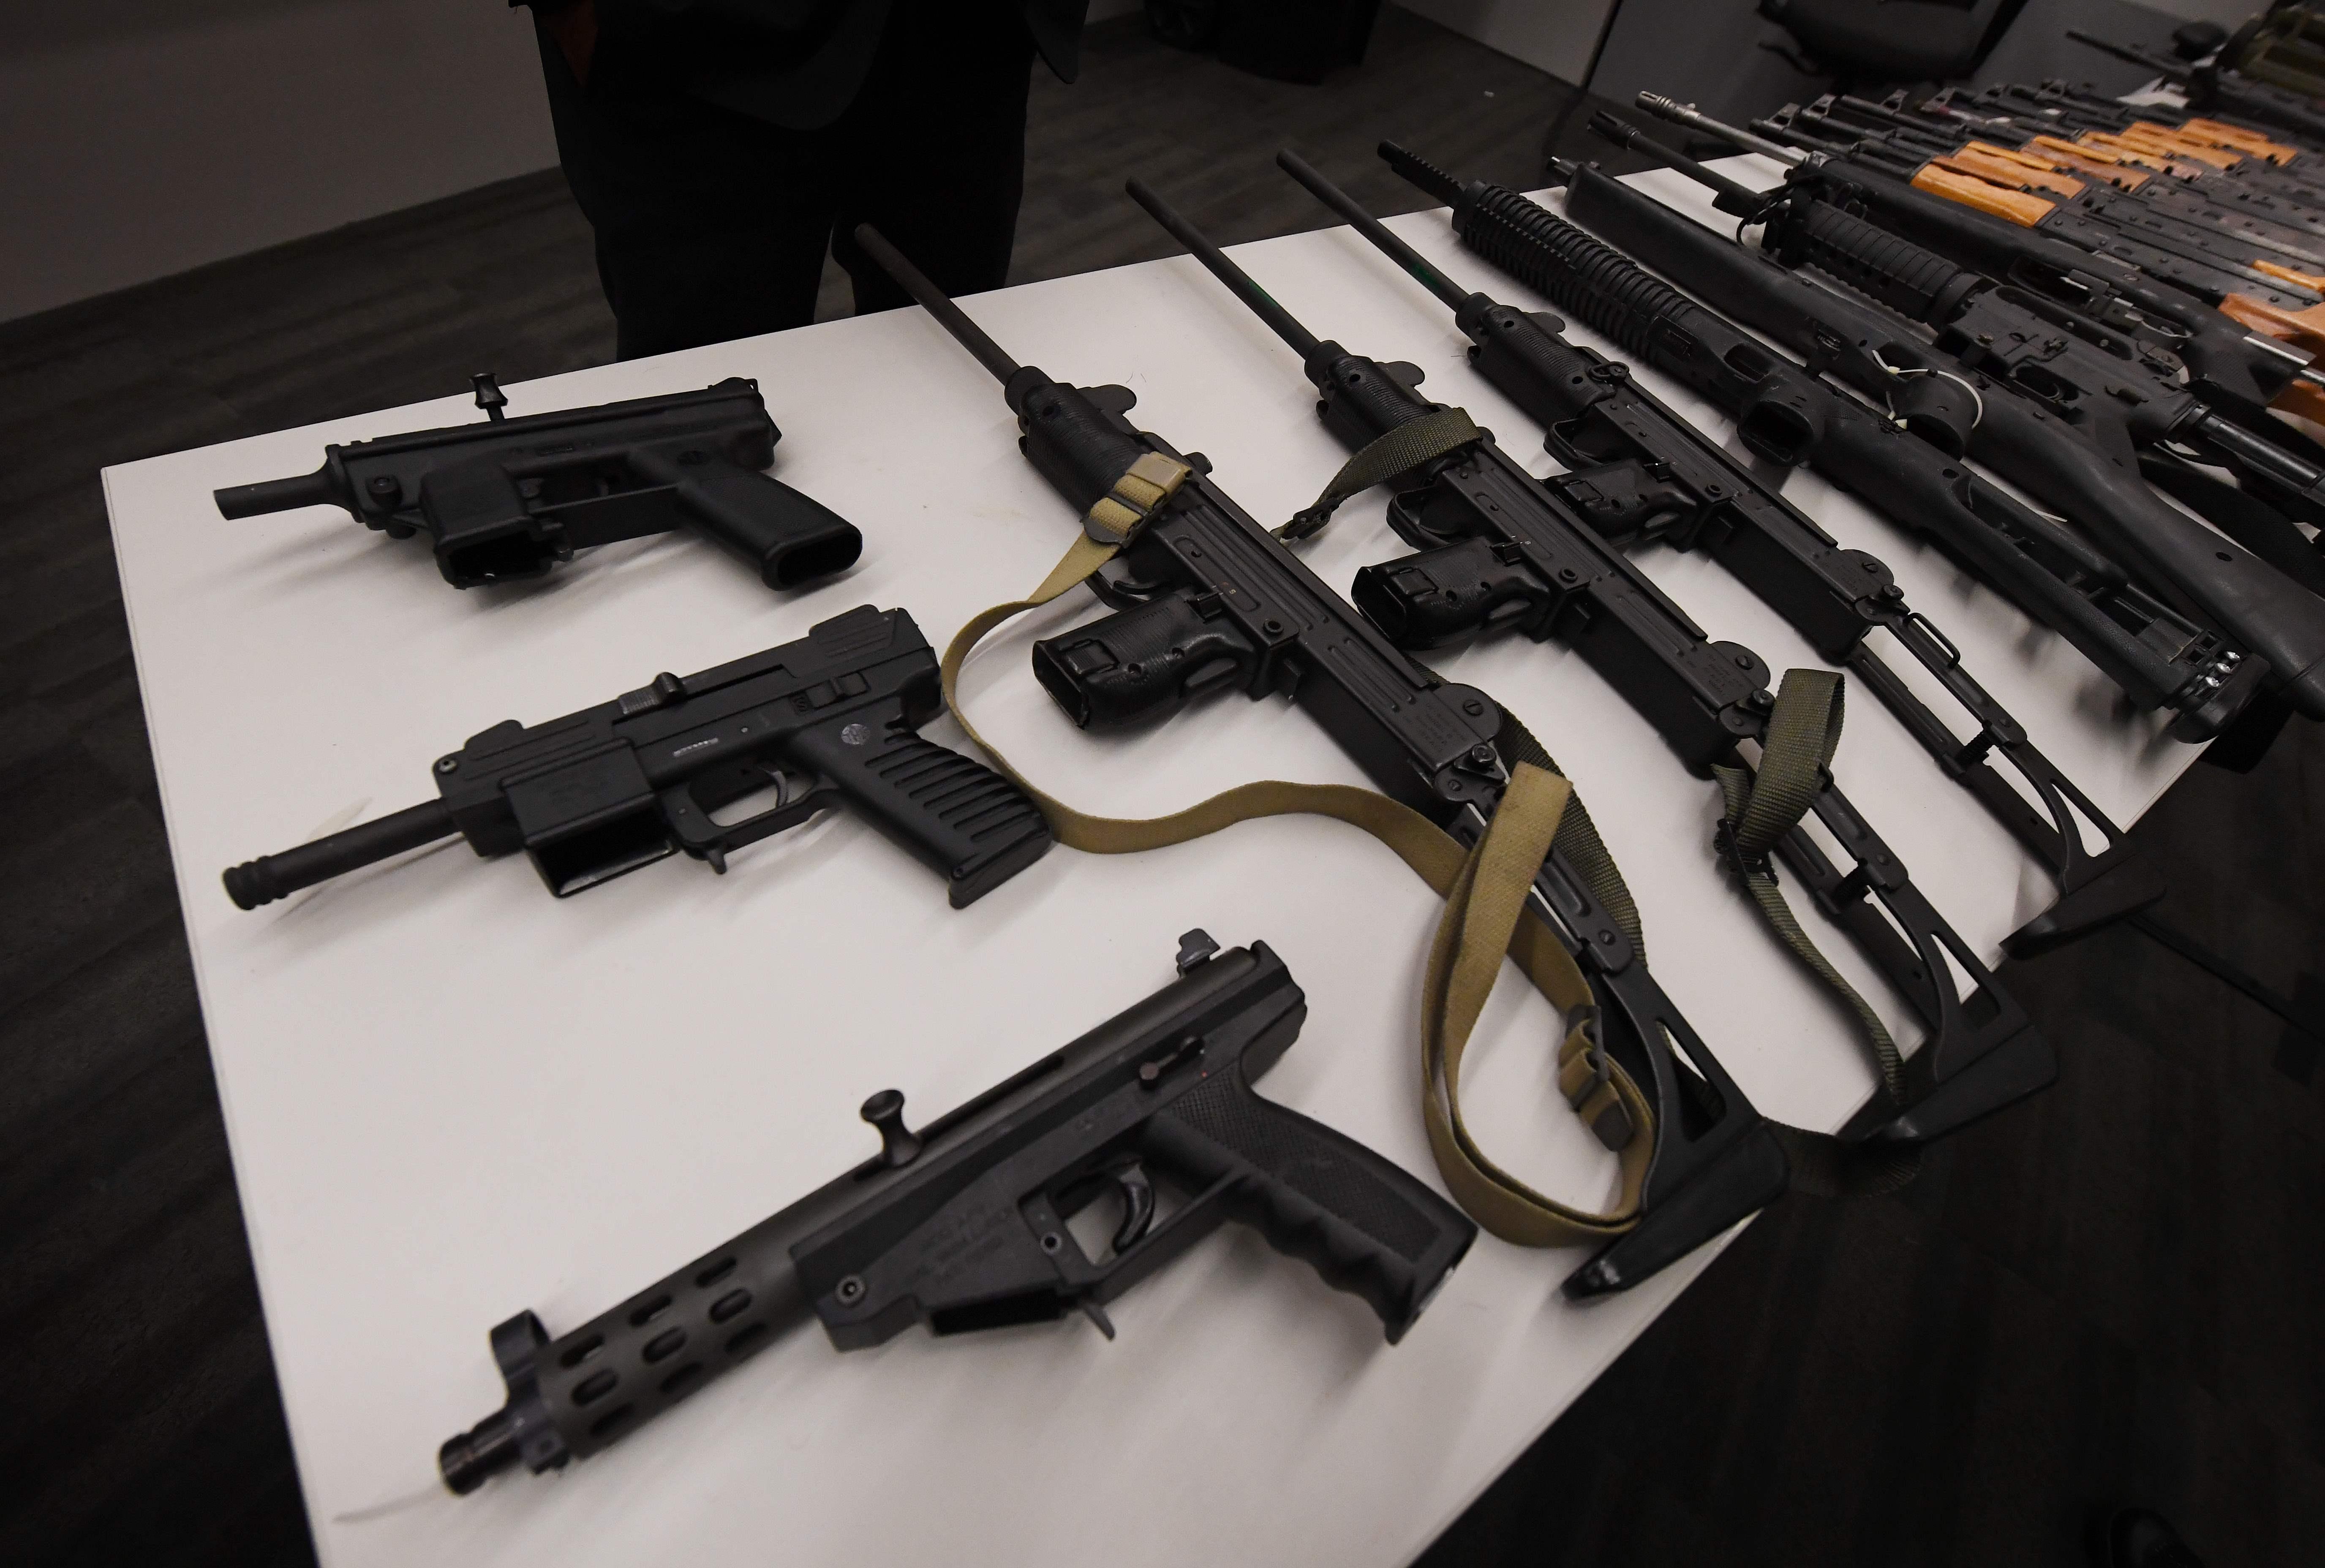 شرطة لوس أنجلوس تشترى الأسلحة من المواطنين